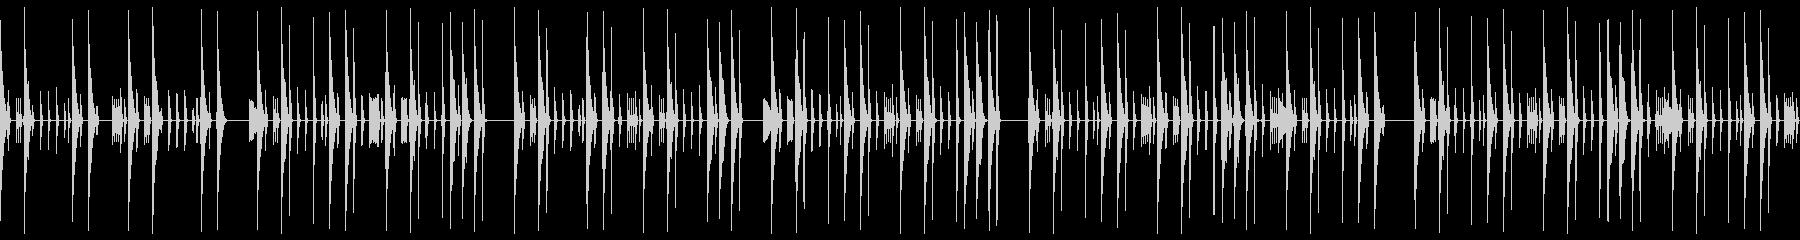 クラブテイストの無機質なドラムループの未再生の波形